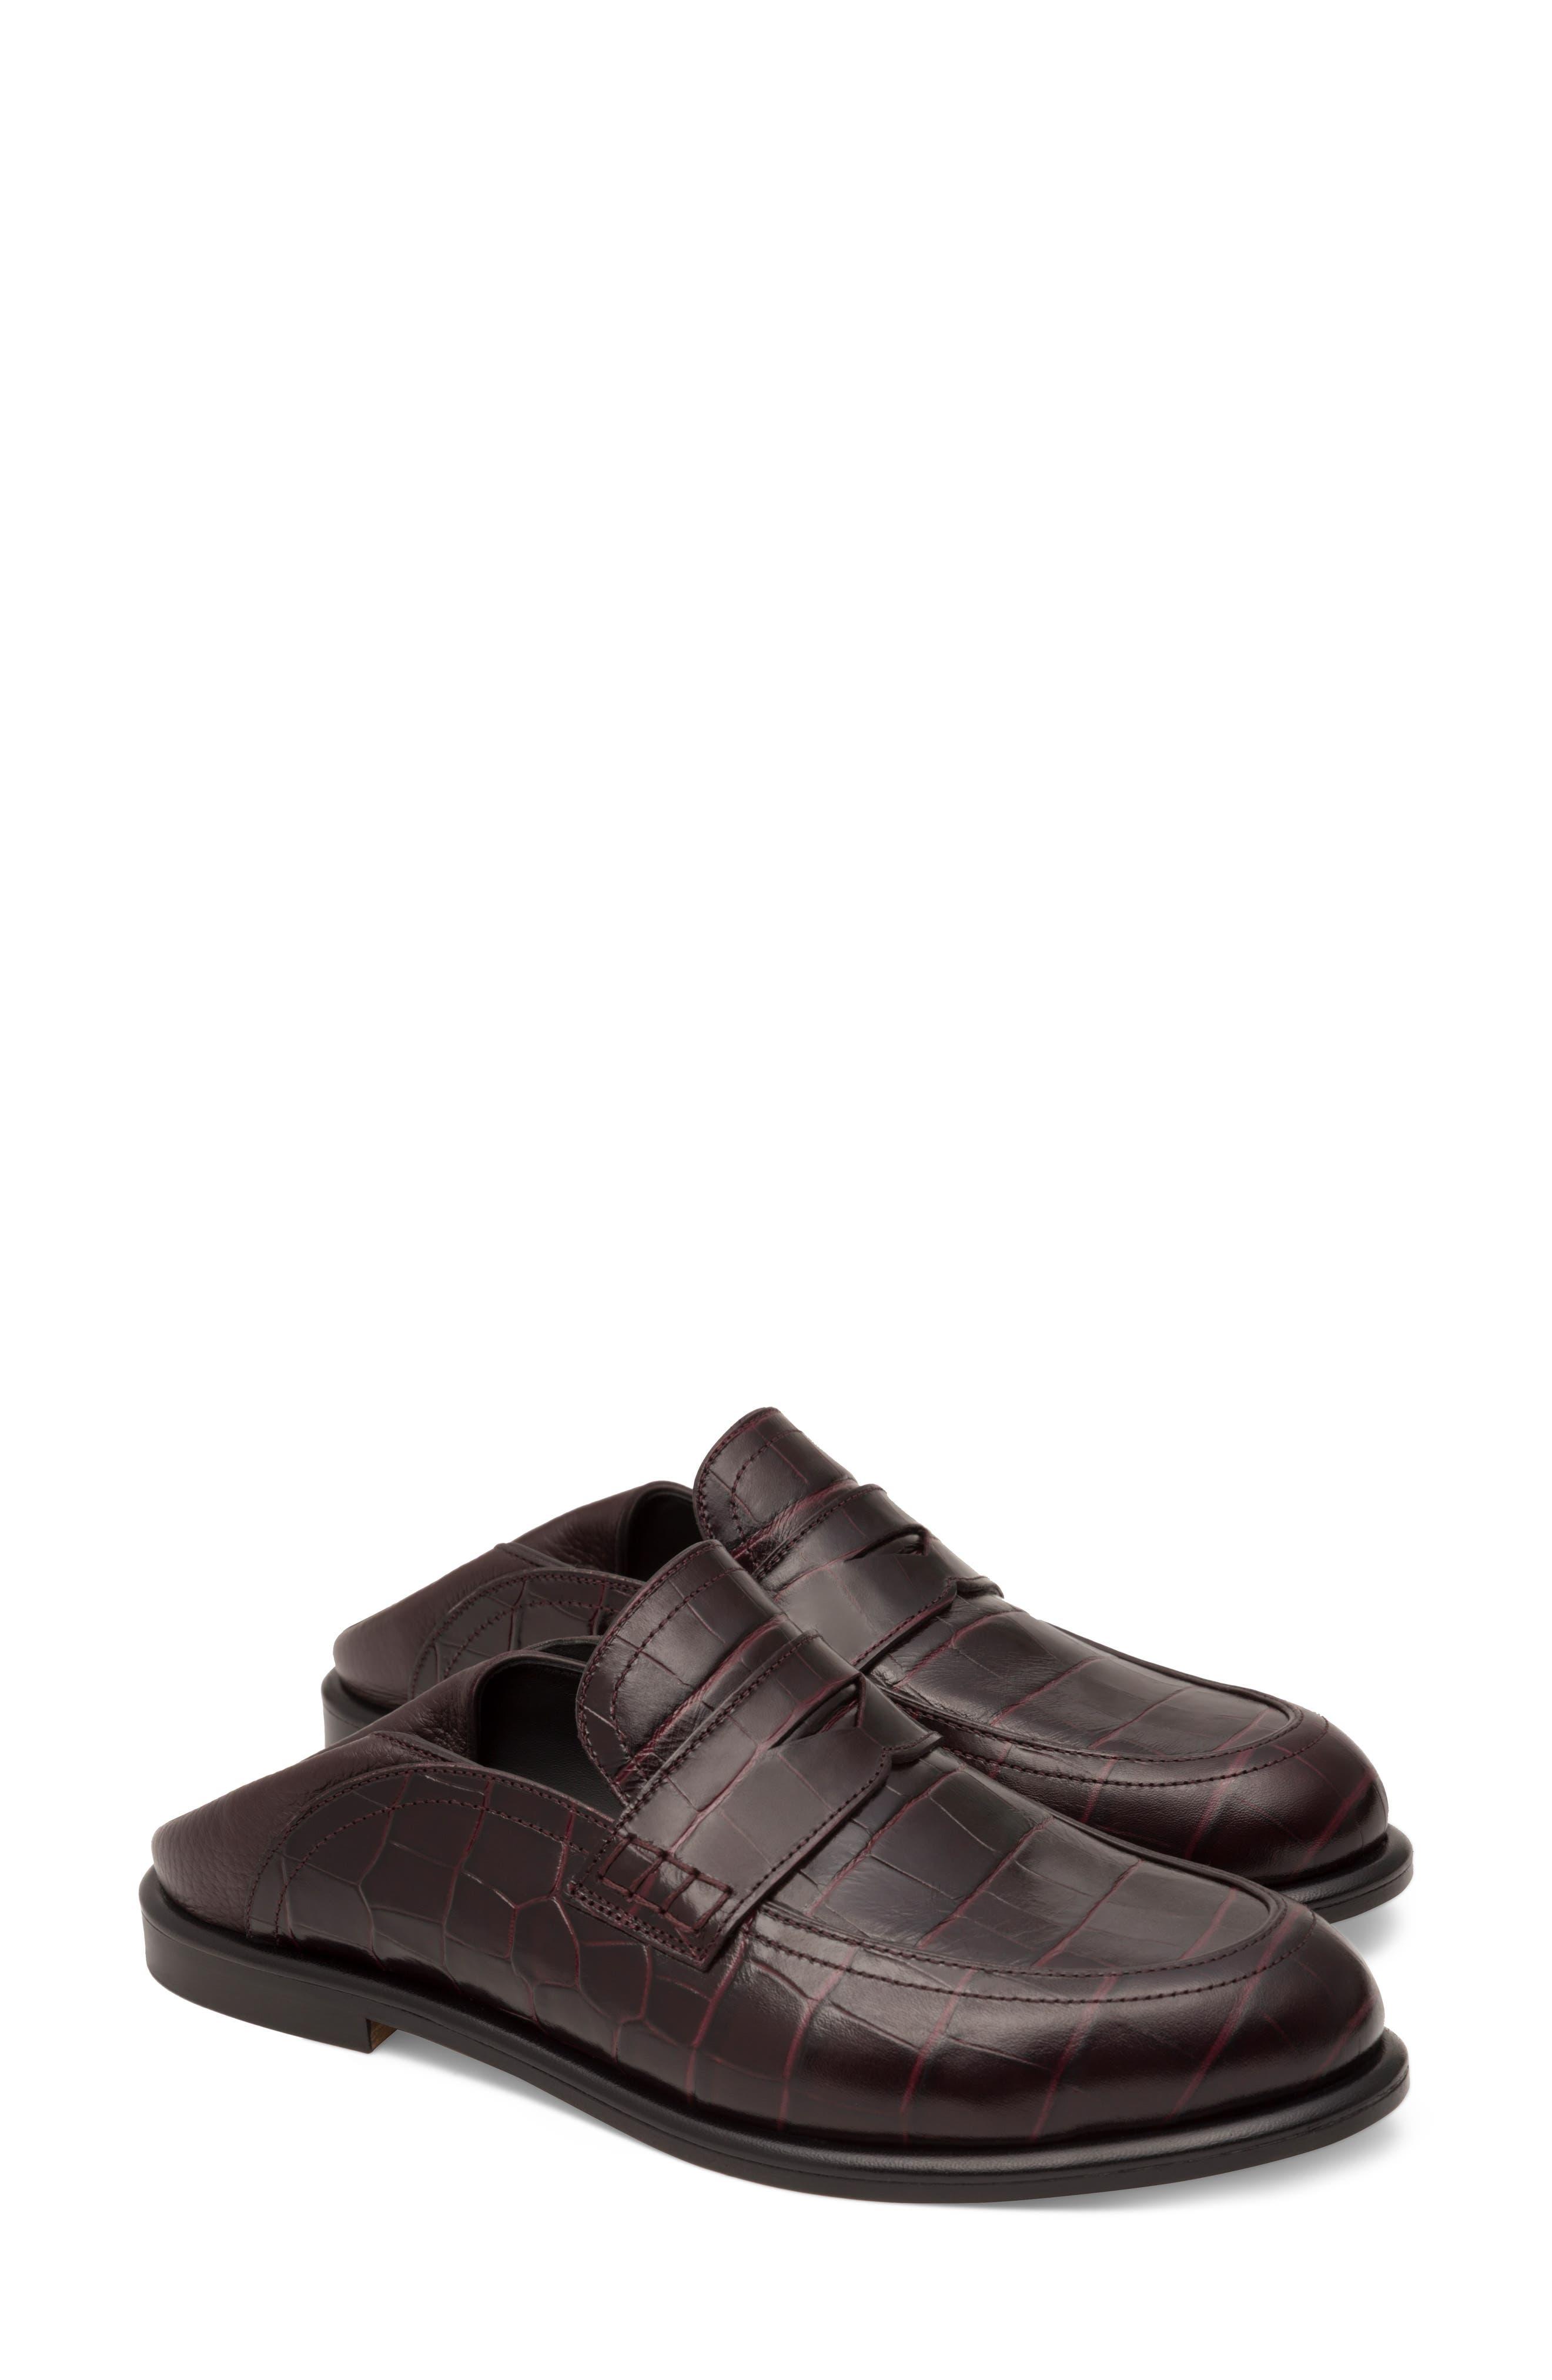 a4d3d816d48f Women s Designer Shoes